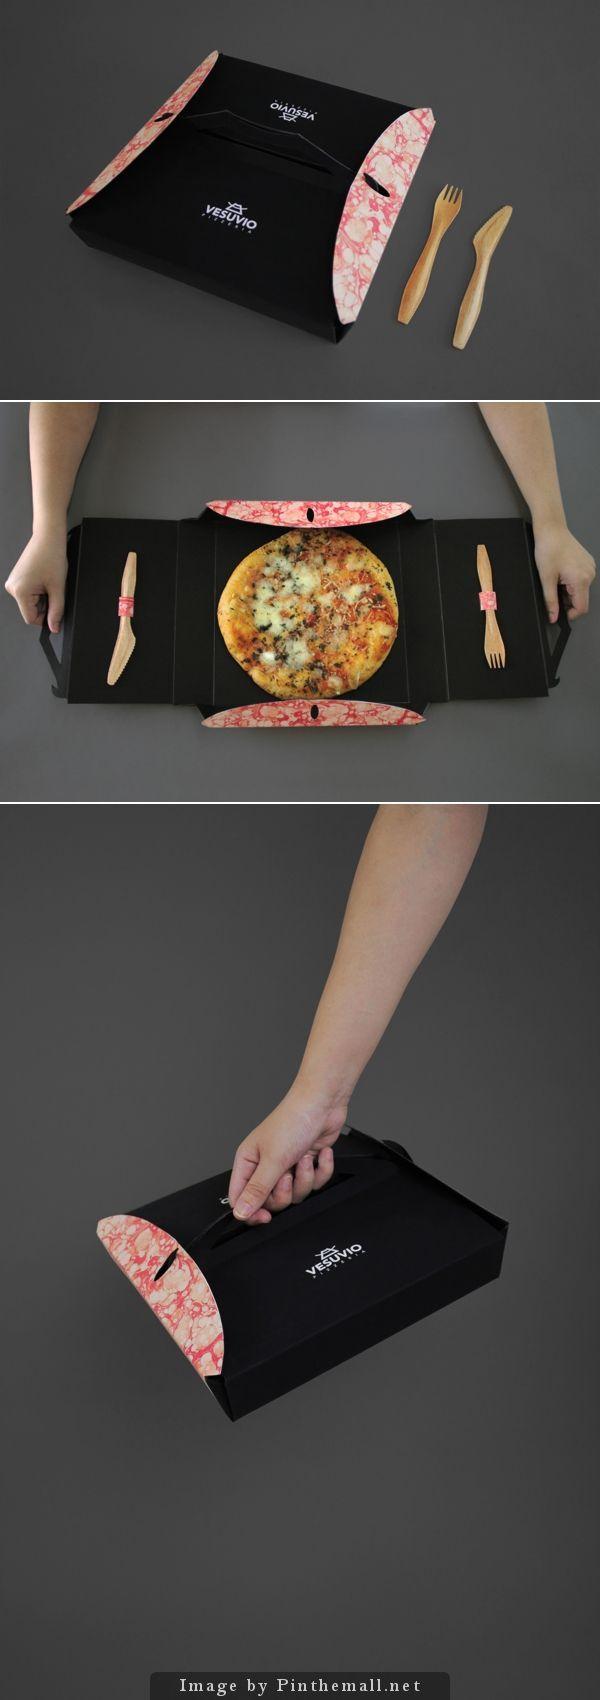 Vesuvio Pizzeria by Angelica Baini  Pin by www.alejandrocebrian.com www.pinterest.com/alejandrobox